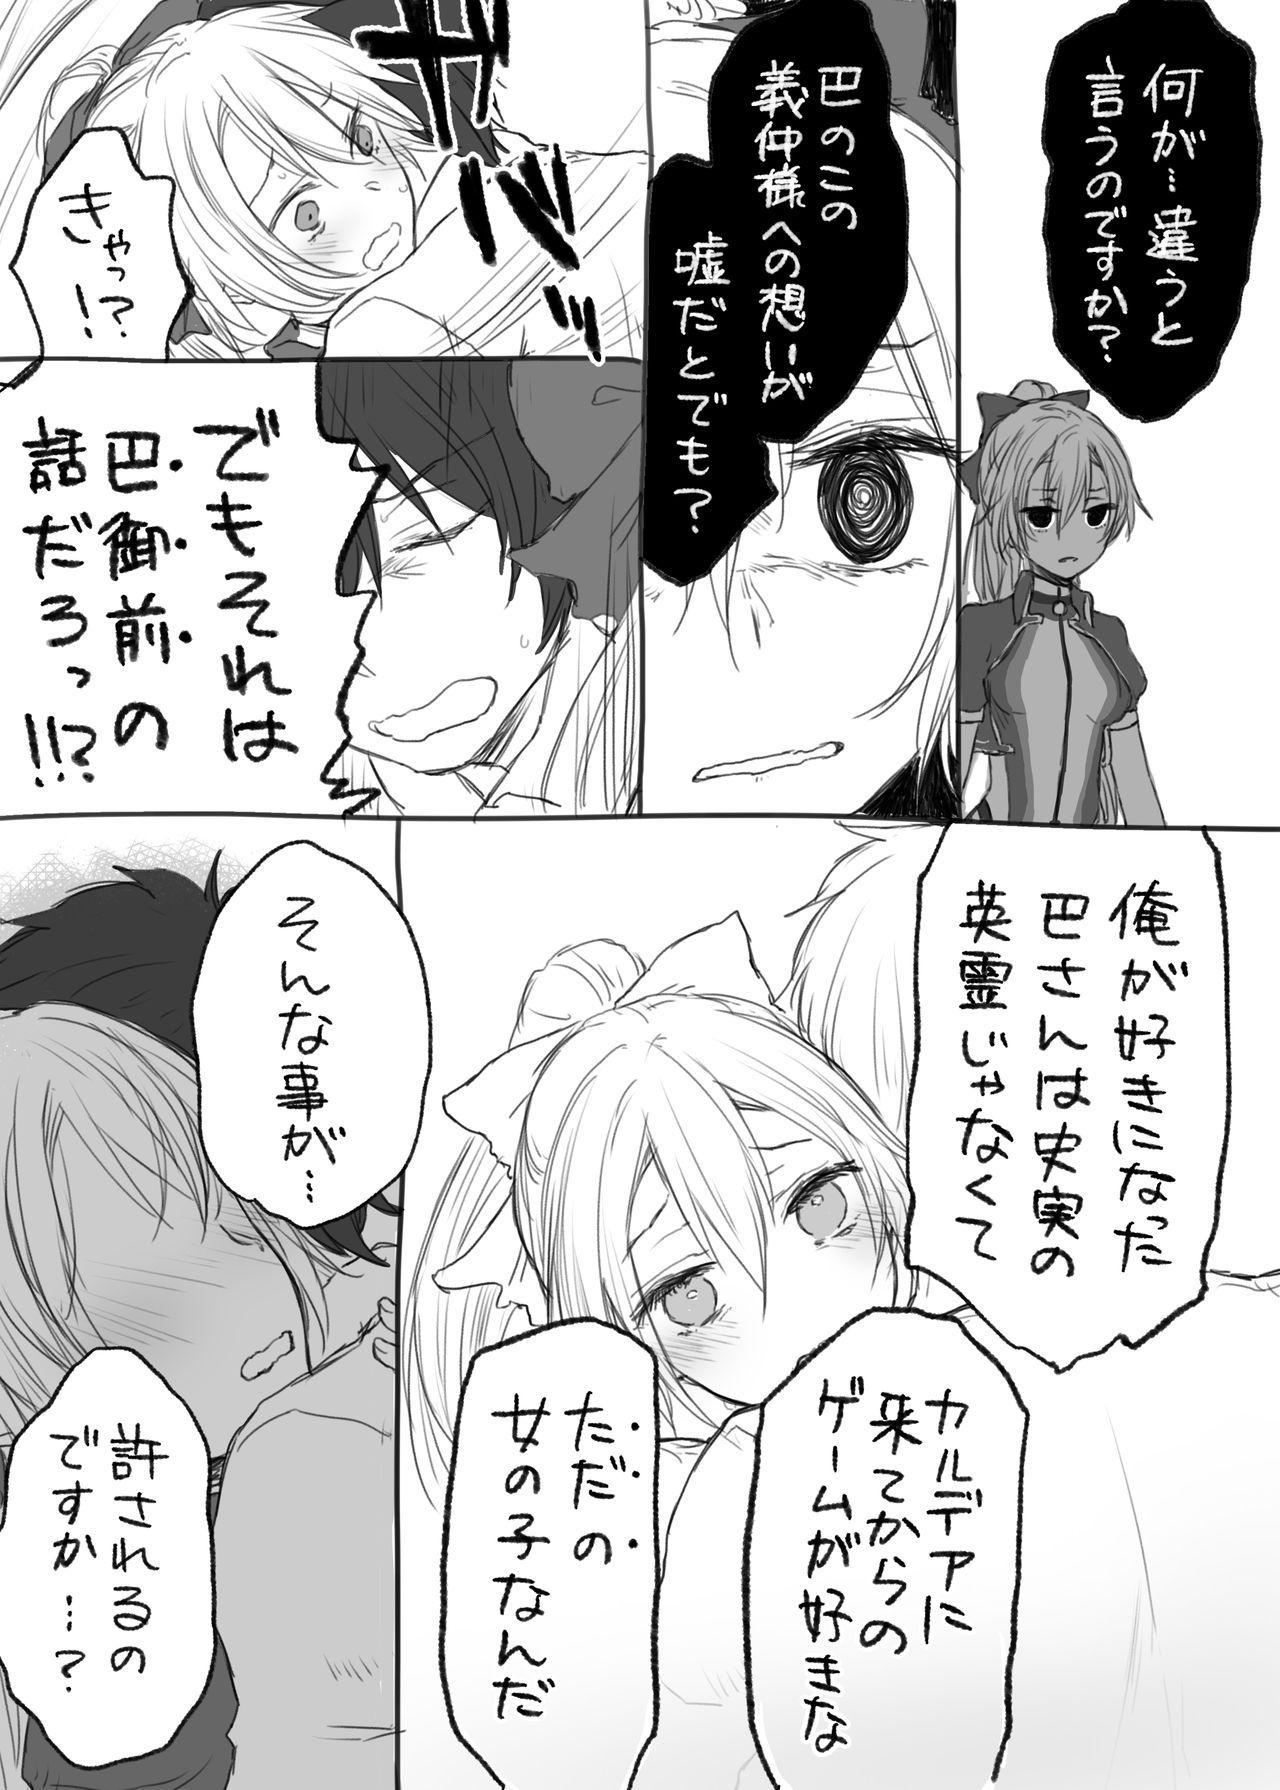 Uchi no Servant ni Haramasex shitaitte Itte mita 61